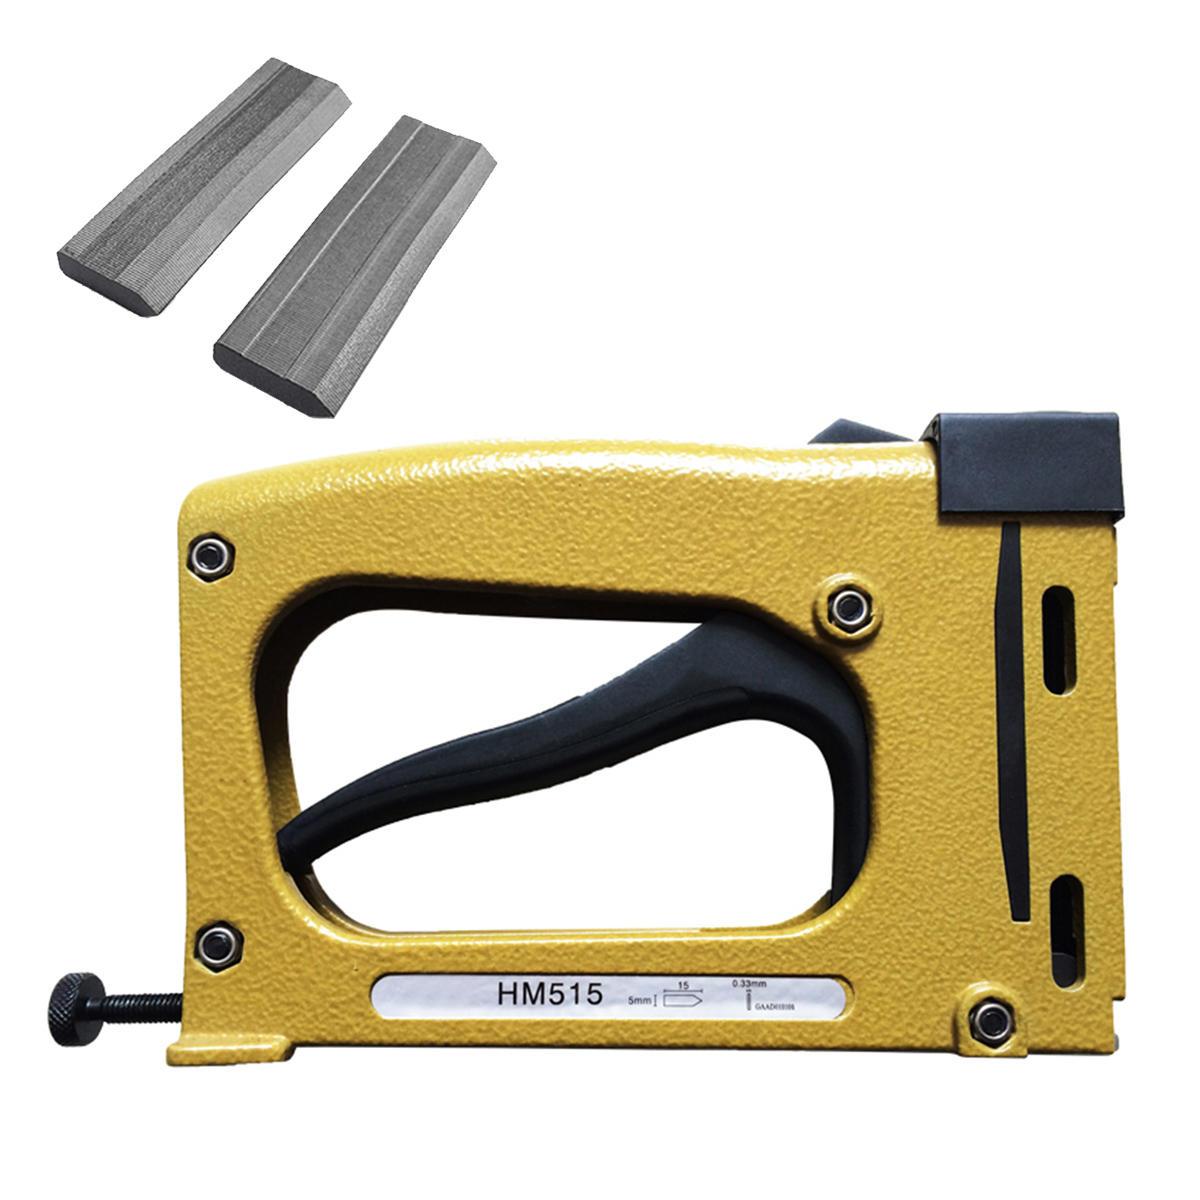 Picture frame stapler kpt rh22 22mm rotary hammer